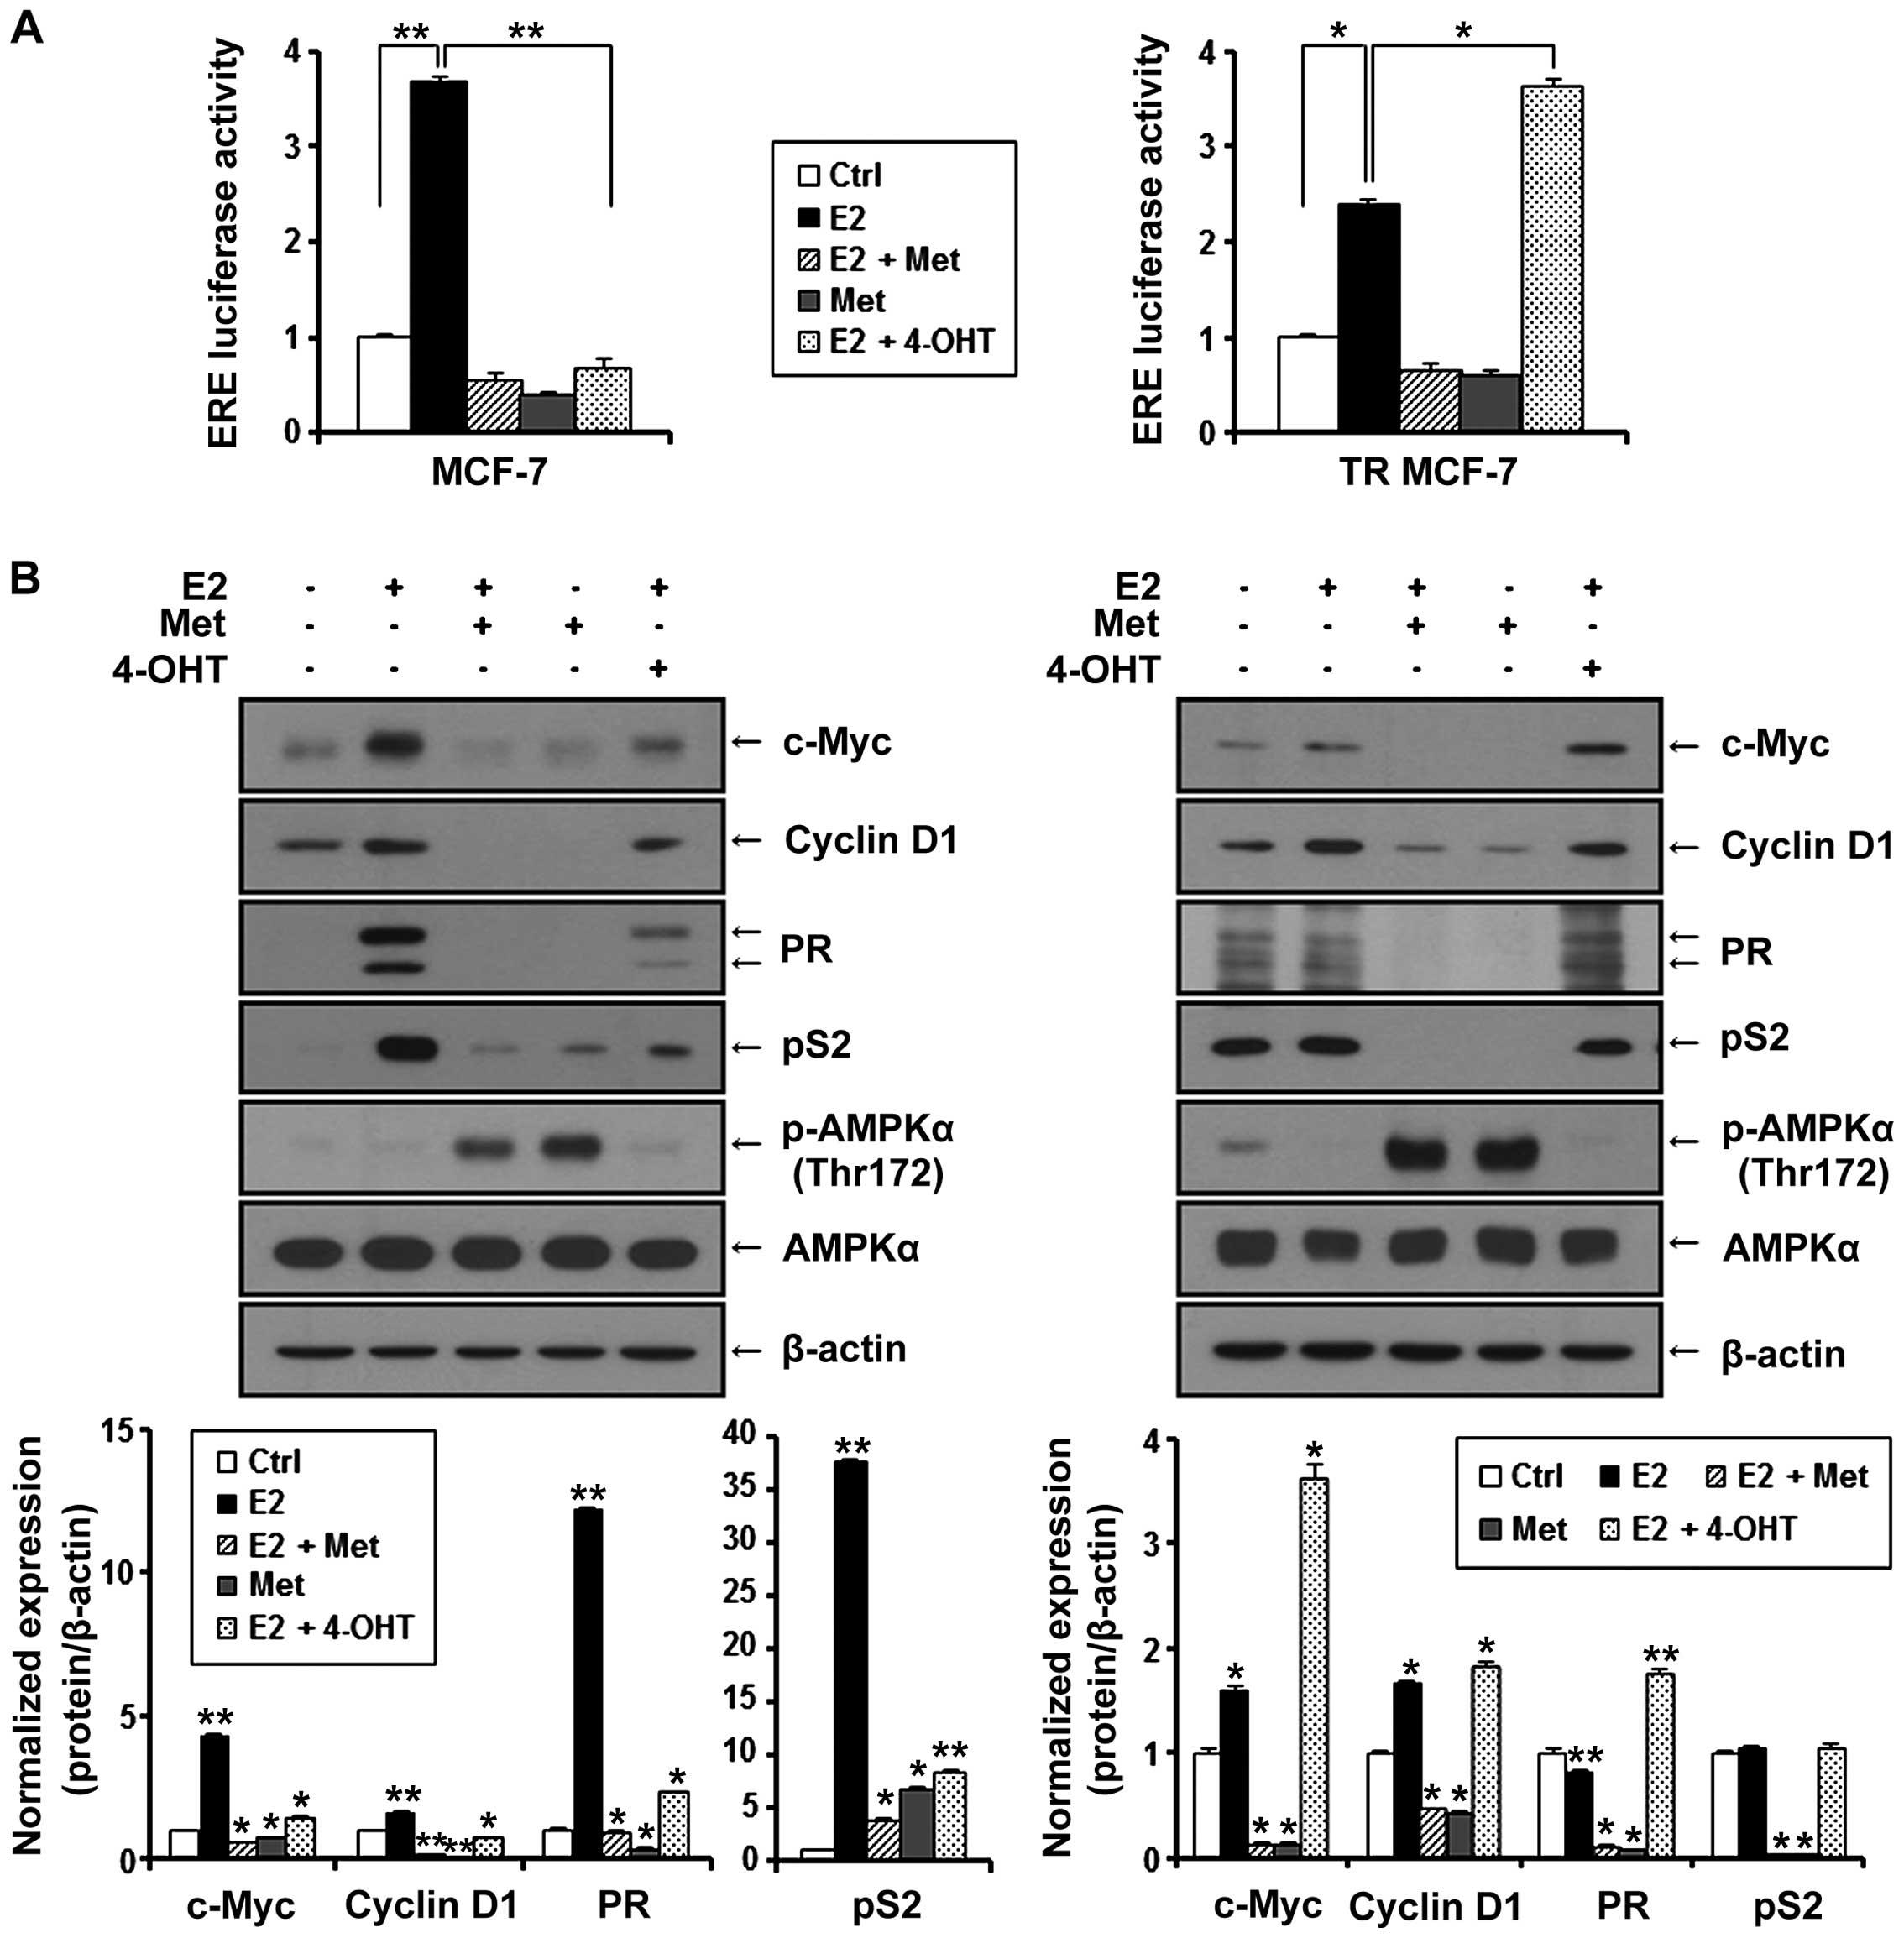 estrogen receptor assay positive